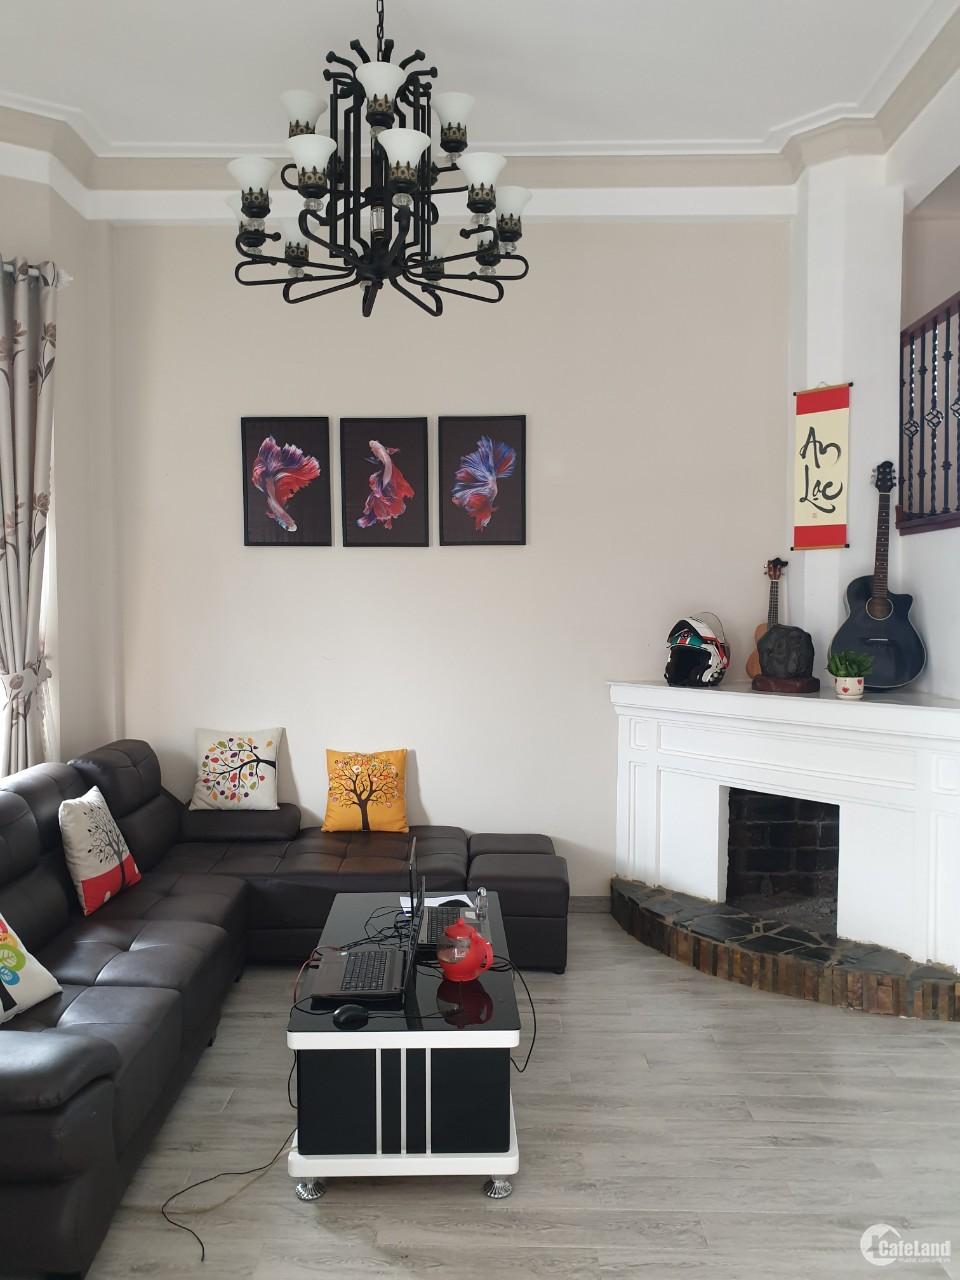 Bán biệt thự sân vườn 265 m2, FULL nội thất đường Cao Thắng, P.7, Đà Lạt giá